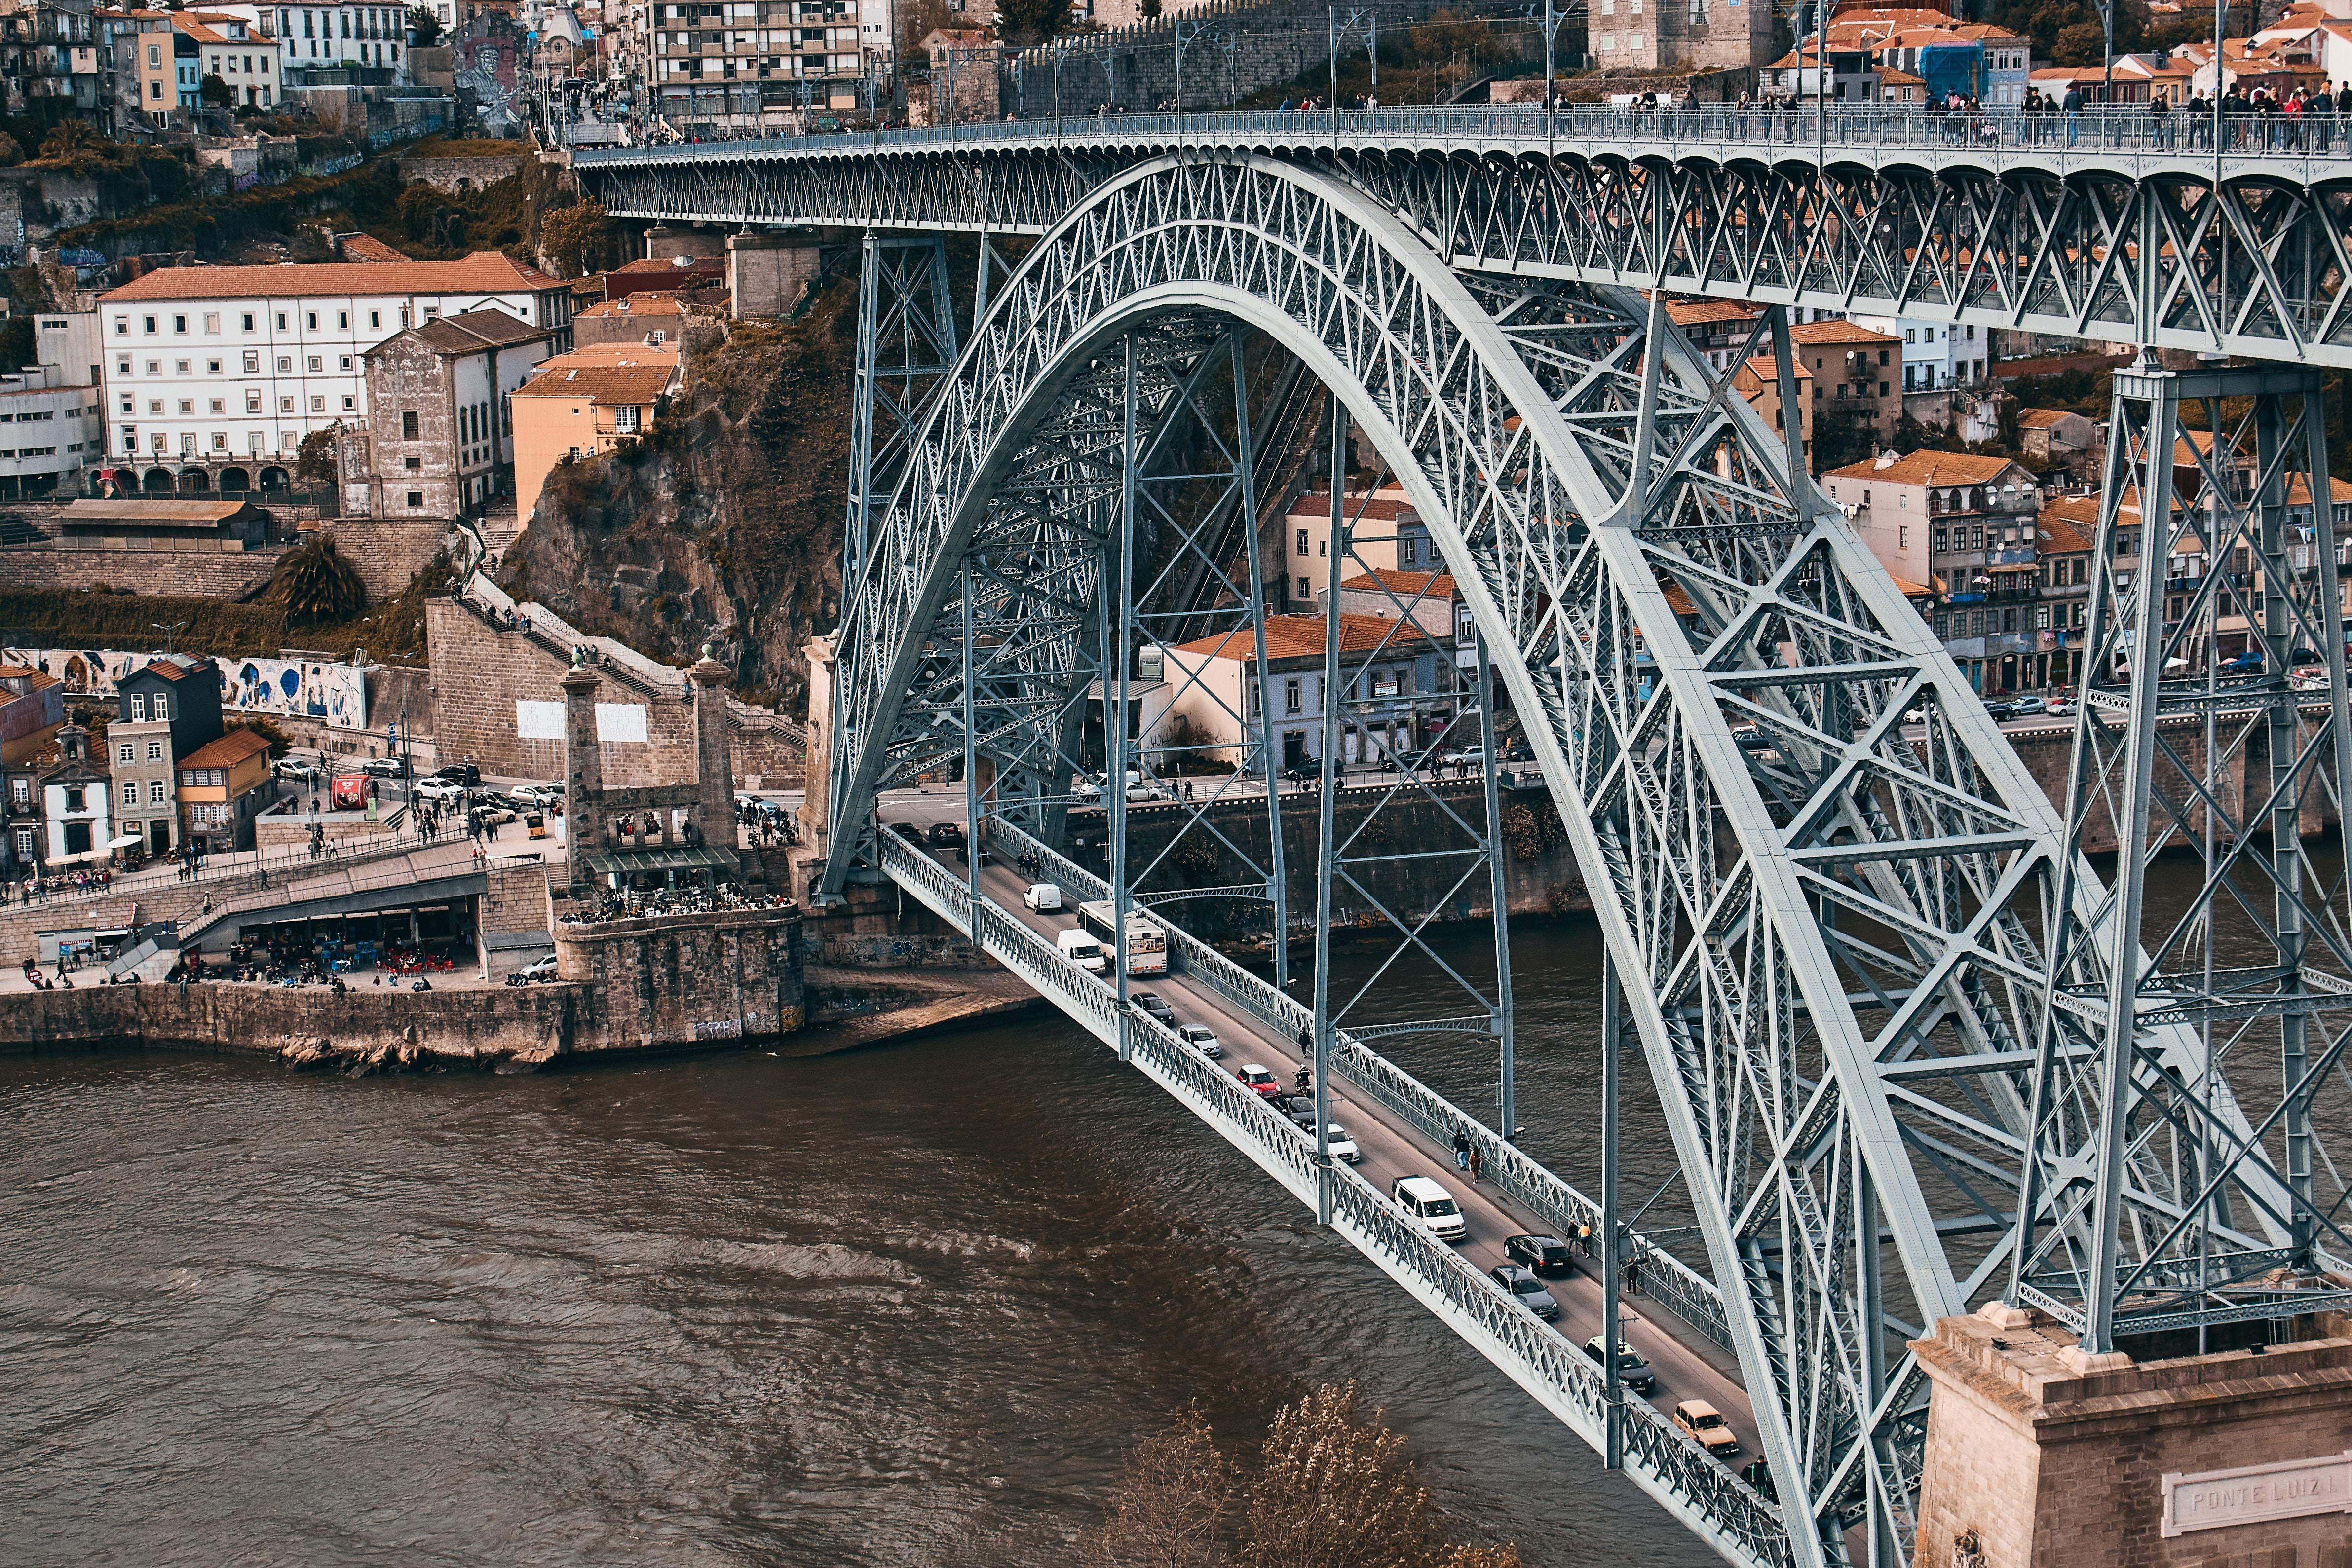 As rendas nas 7 freguesias do Porto são, em média, 100,5% mais caras que a aquisição / Kamile Leo/Unsplash